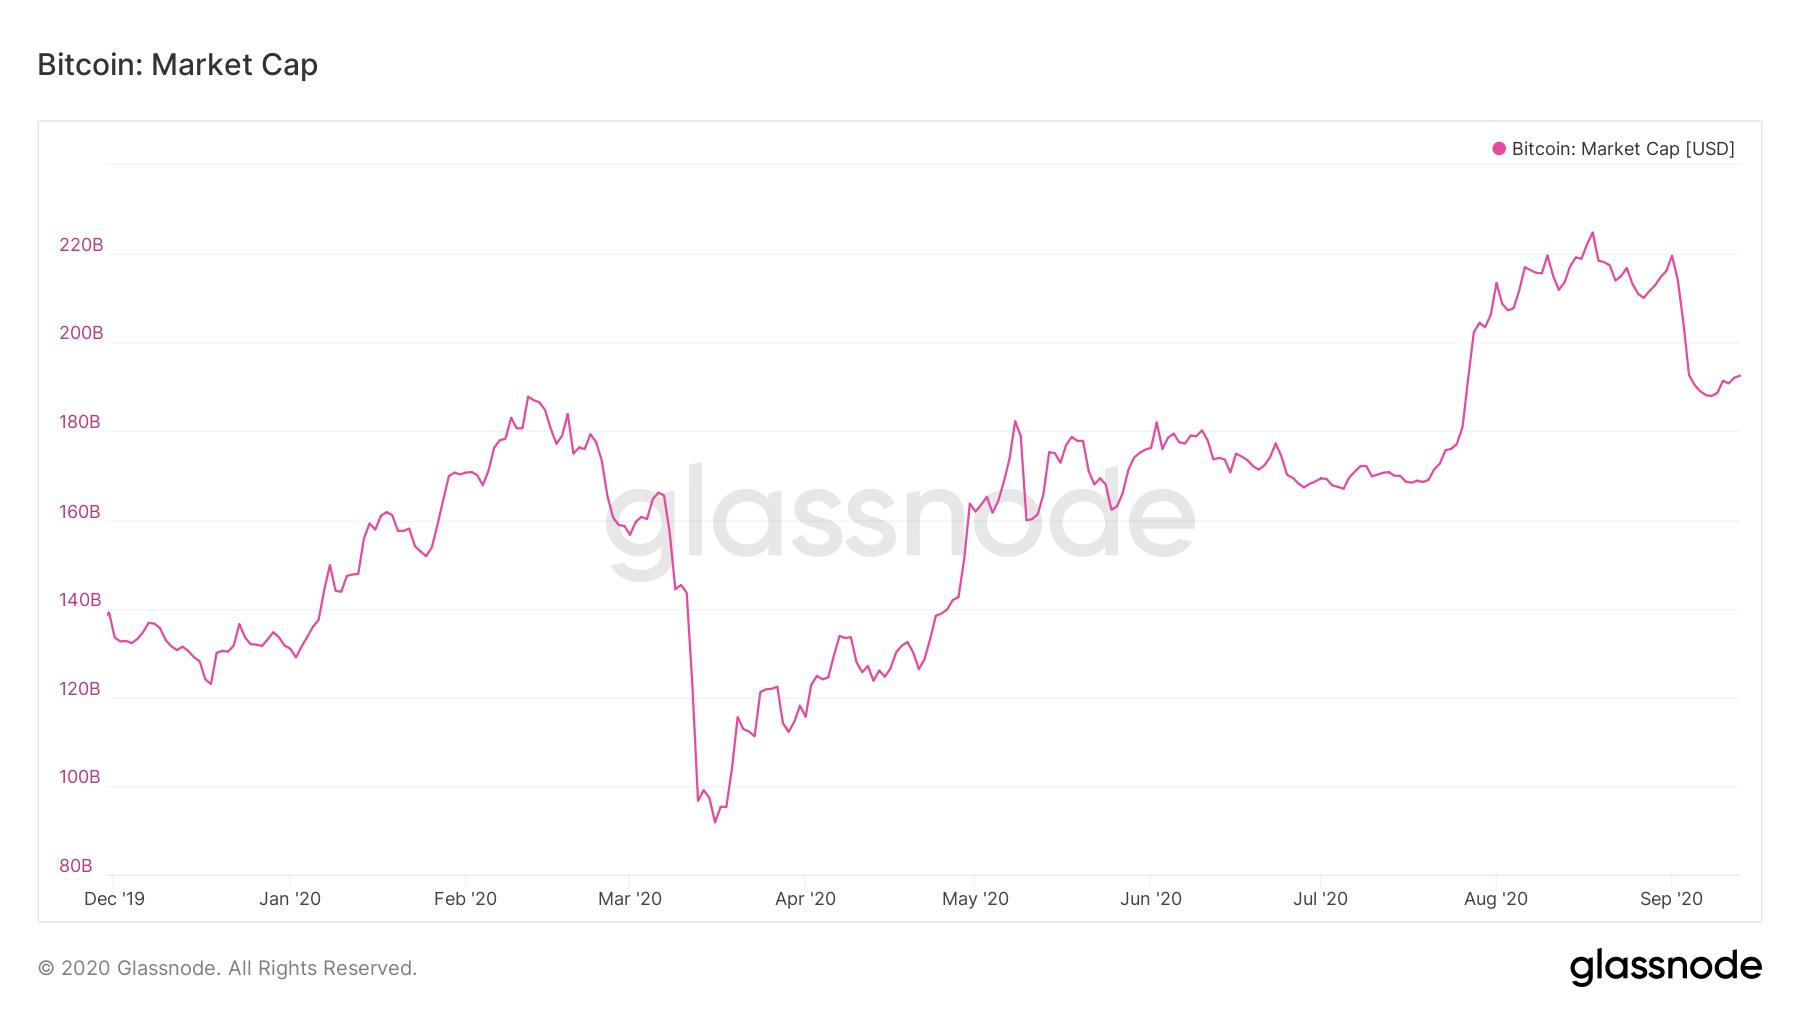 【比特币市值】大流行期间全球最大的银行损失了3倍的比特币市值